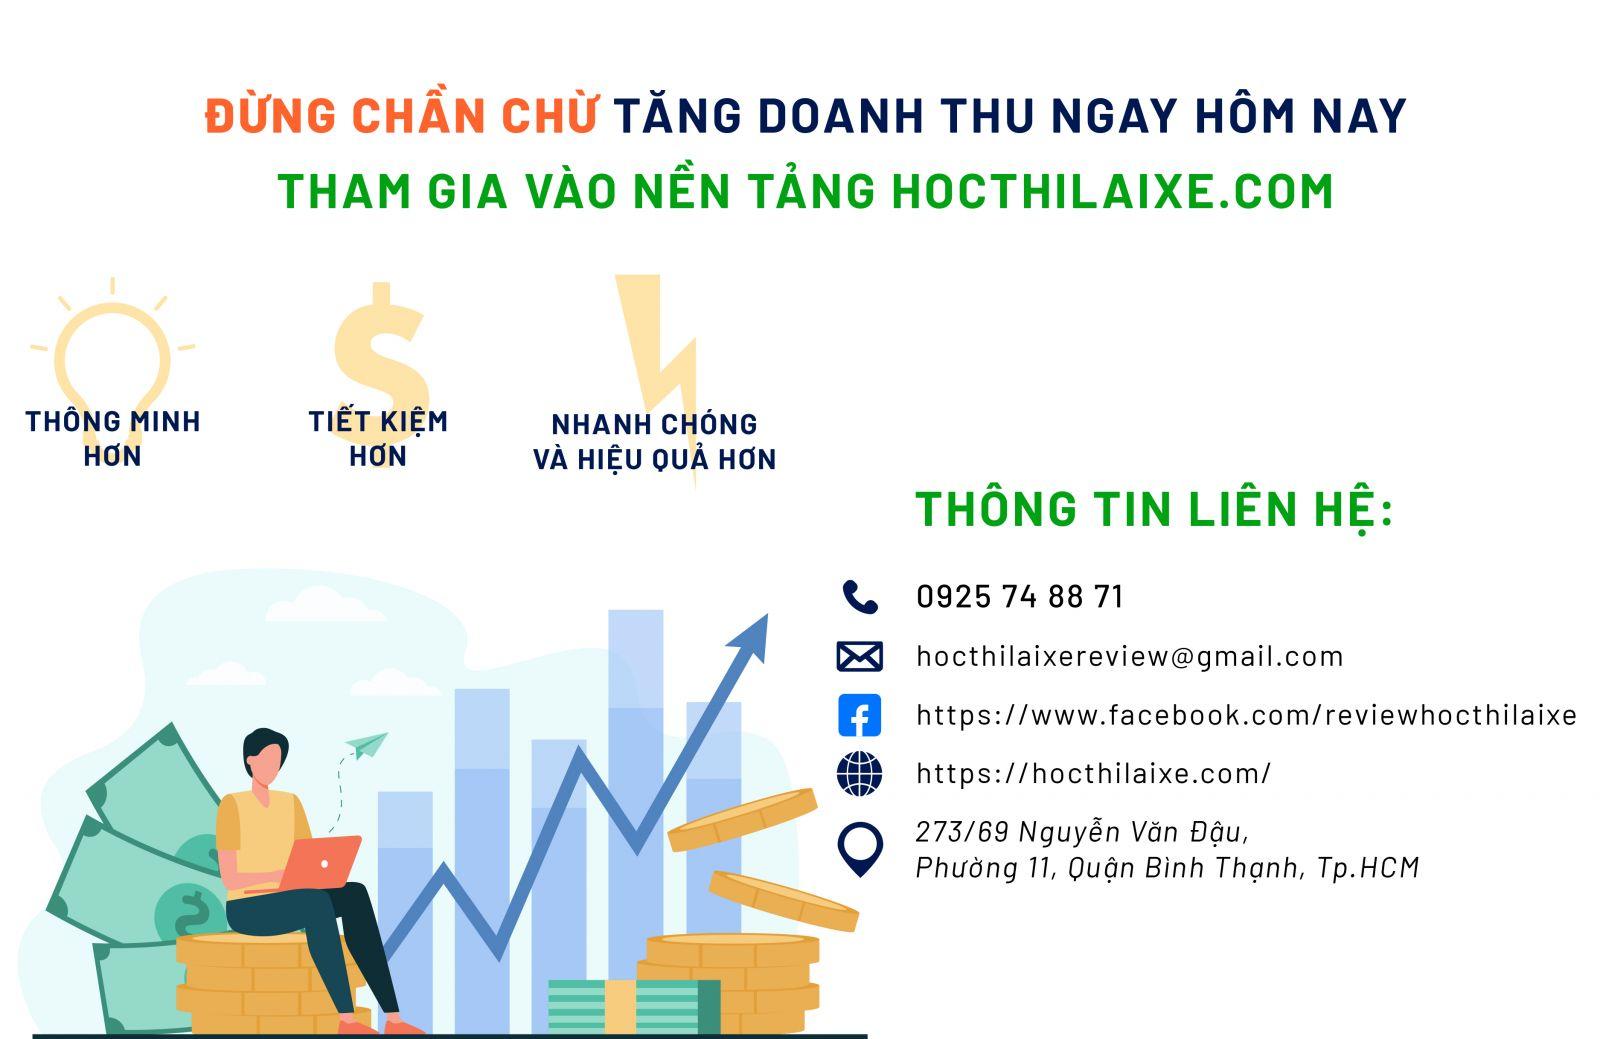 Hocthilaixe.com nền tảng đánh giá trung thực và khách quan